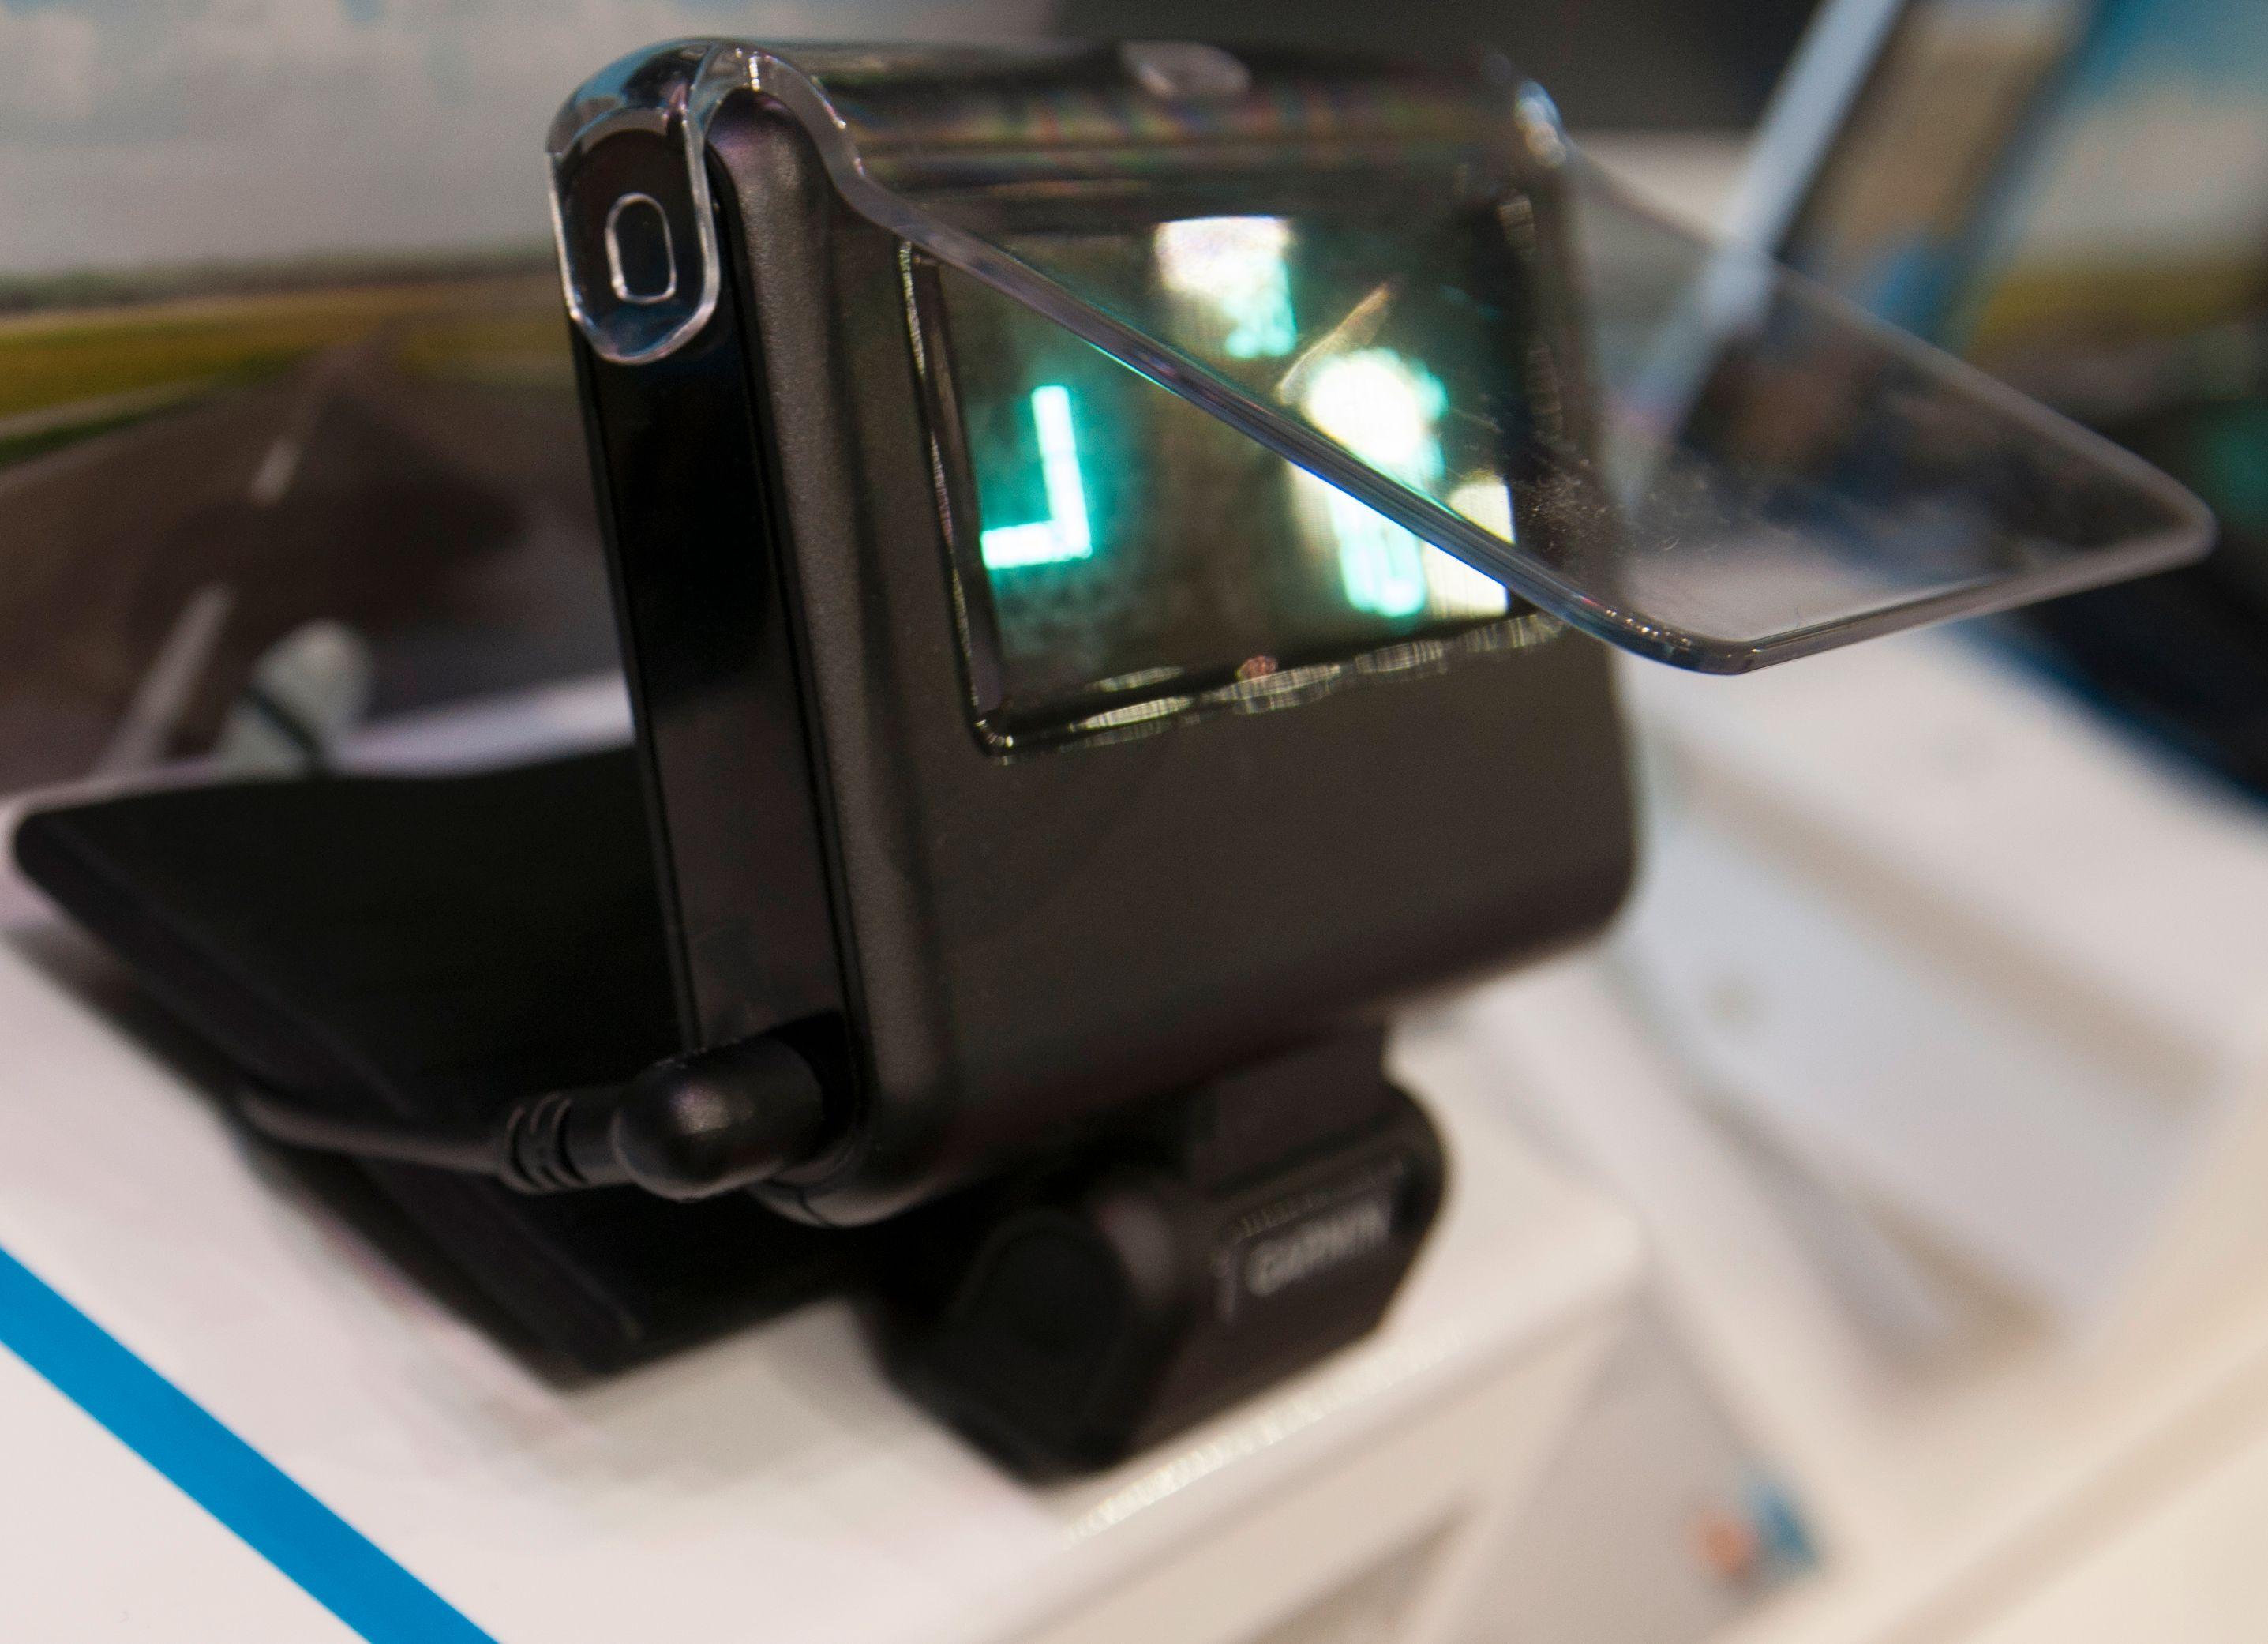 Dingsen justerer selv lysstyrken, slik at den fungerer også på dagtid. Vinkelen mot dashbordet er justerbar, slik at den virker både om ruten går rett opp eller om den skrår bakover.Foto: Finn Jarle Kvalheim, Amobil.no